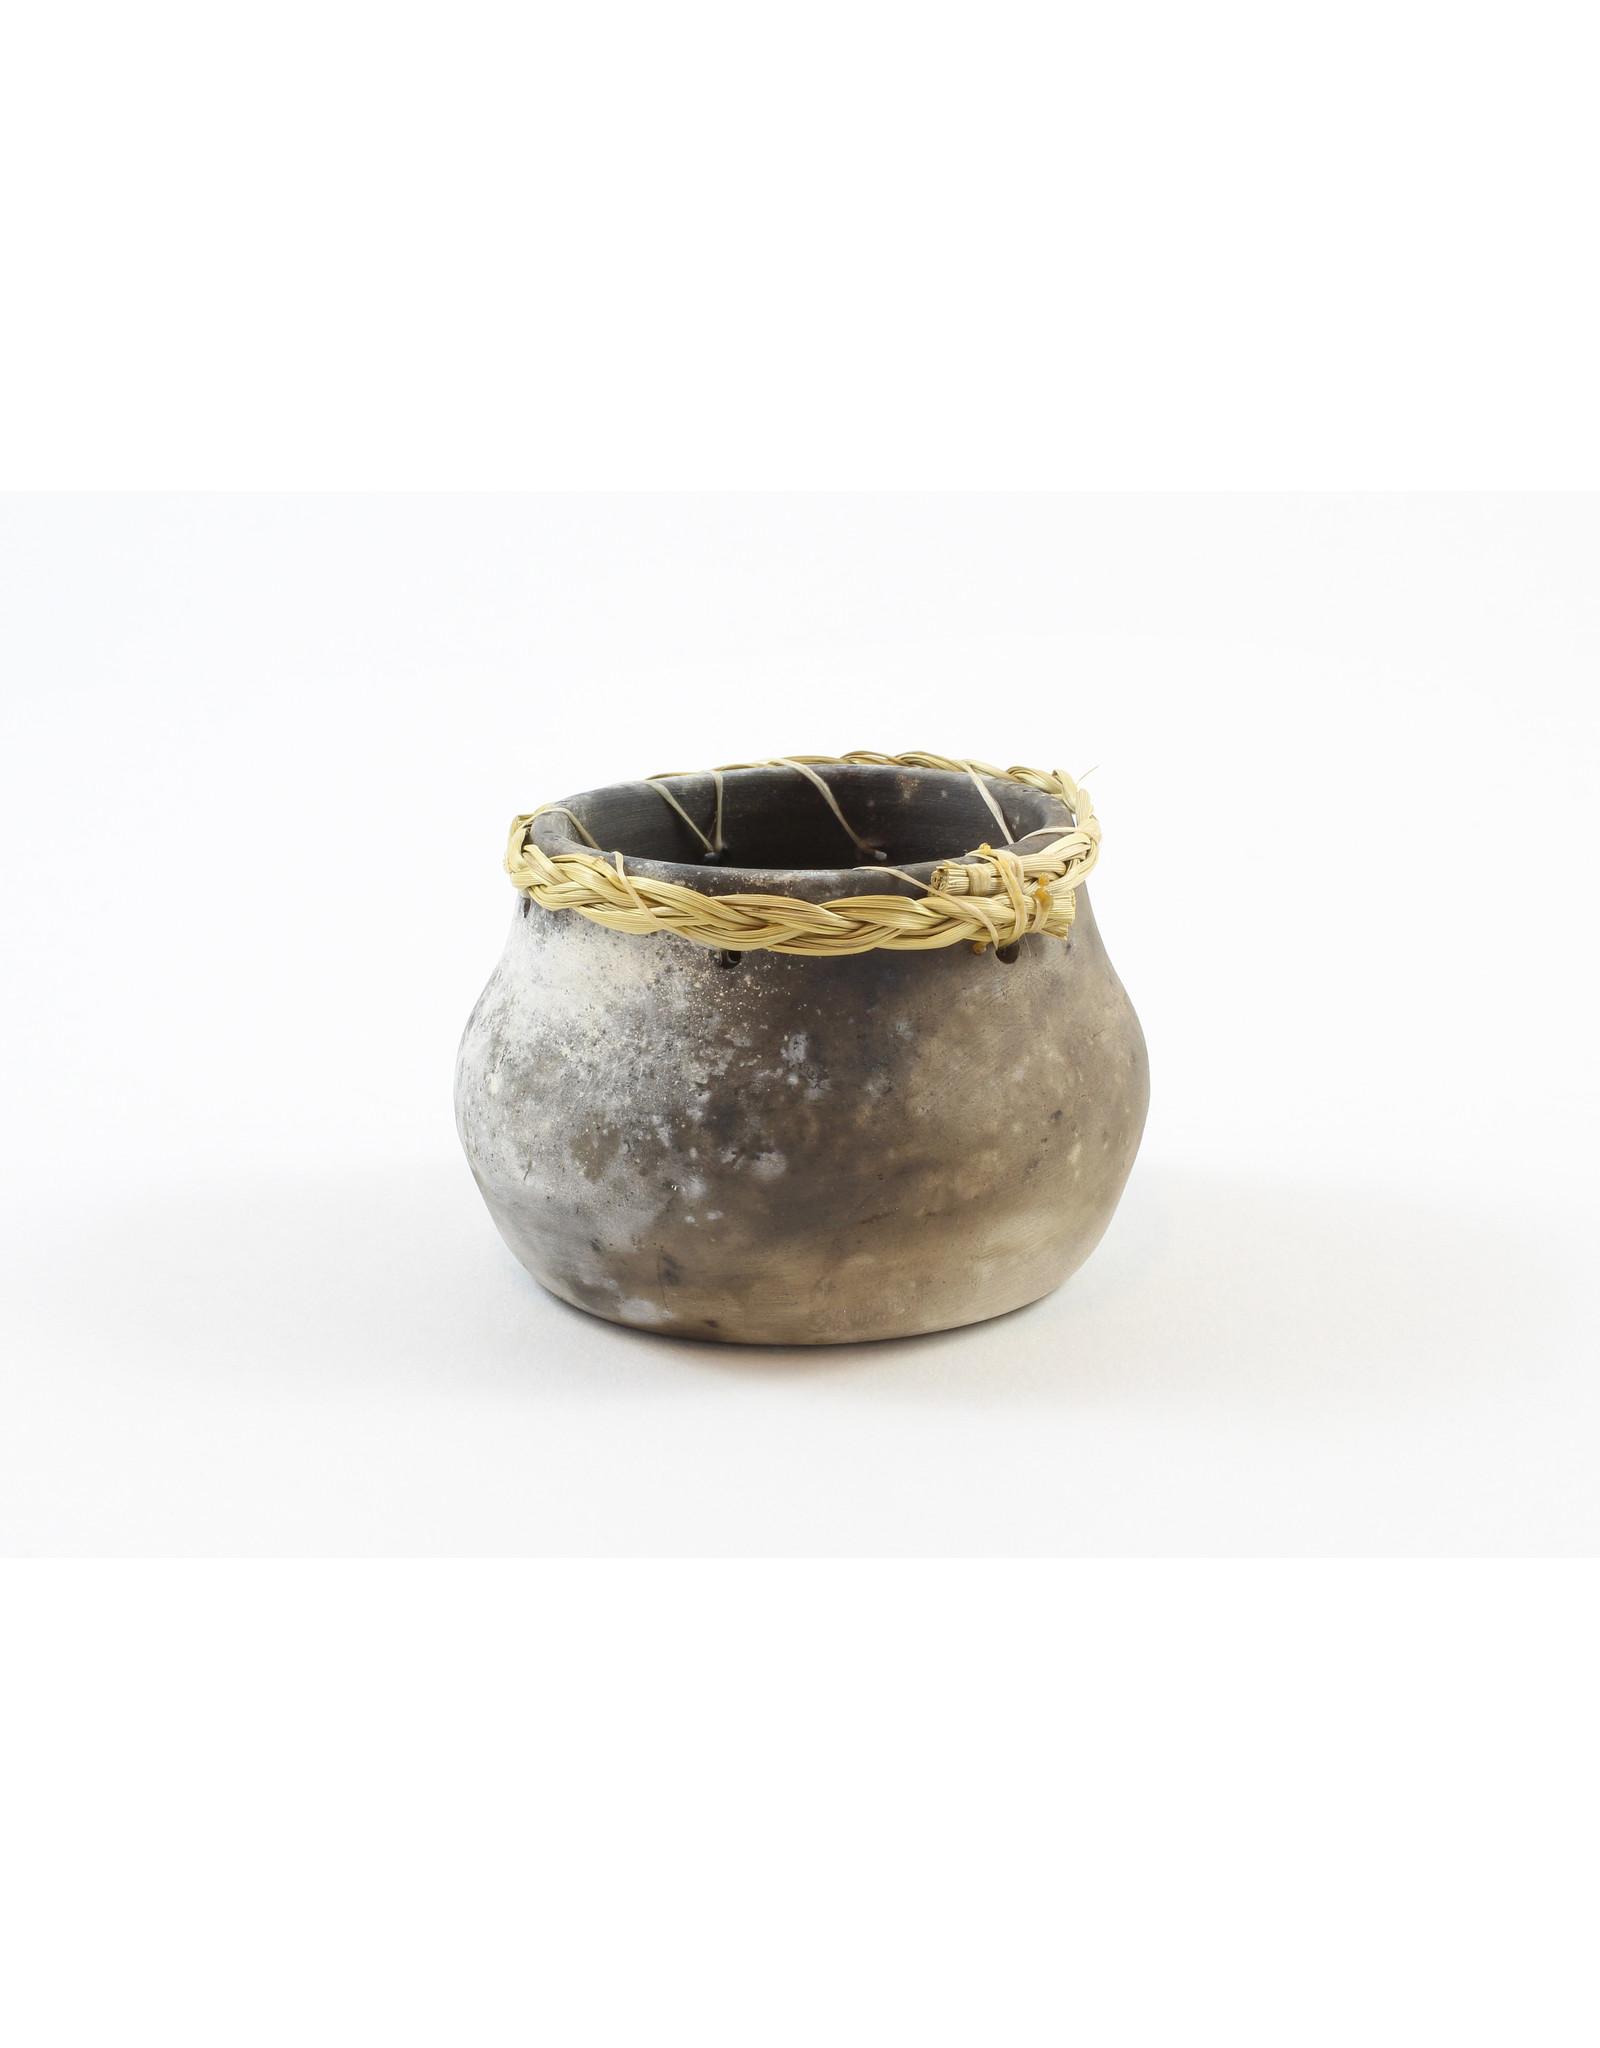 Nancy Oakley Small Round Pot by Nancy Oakley